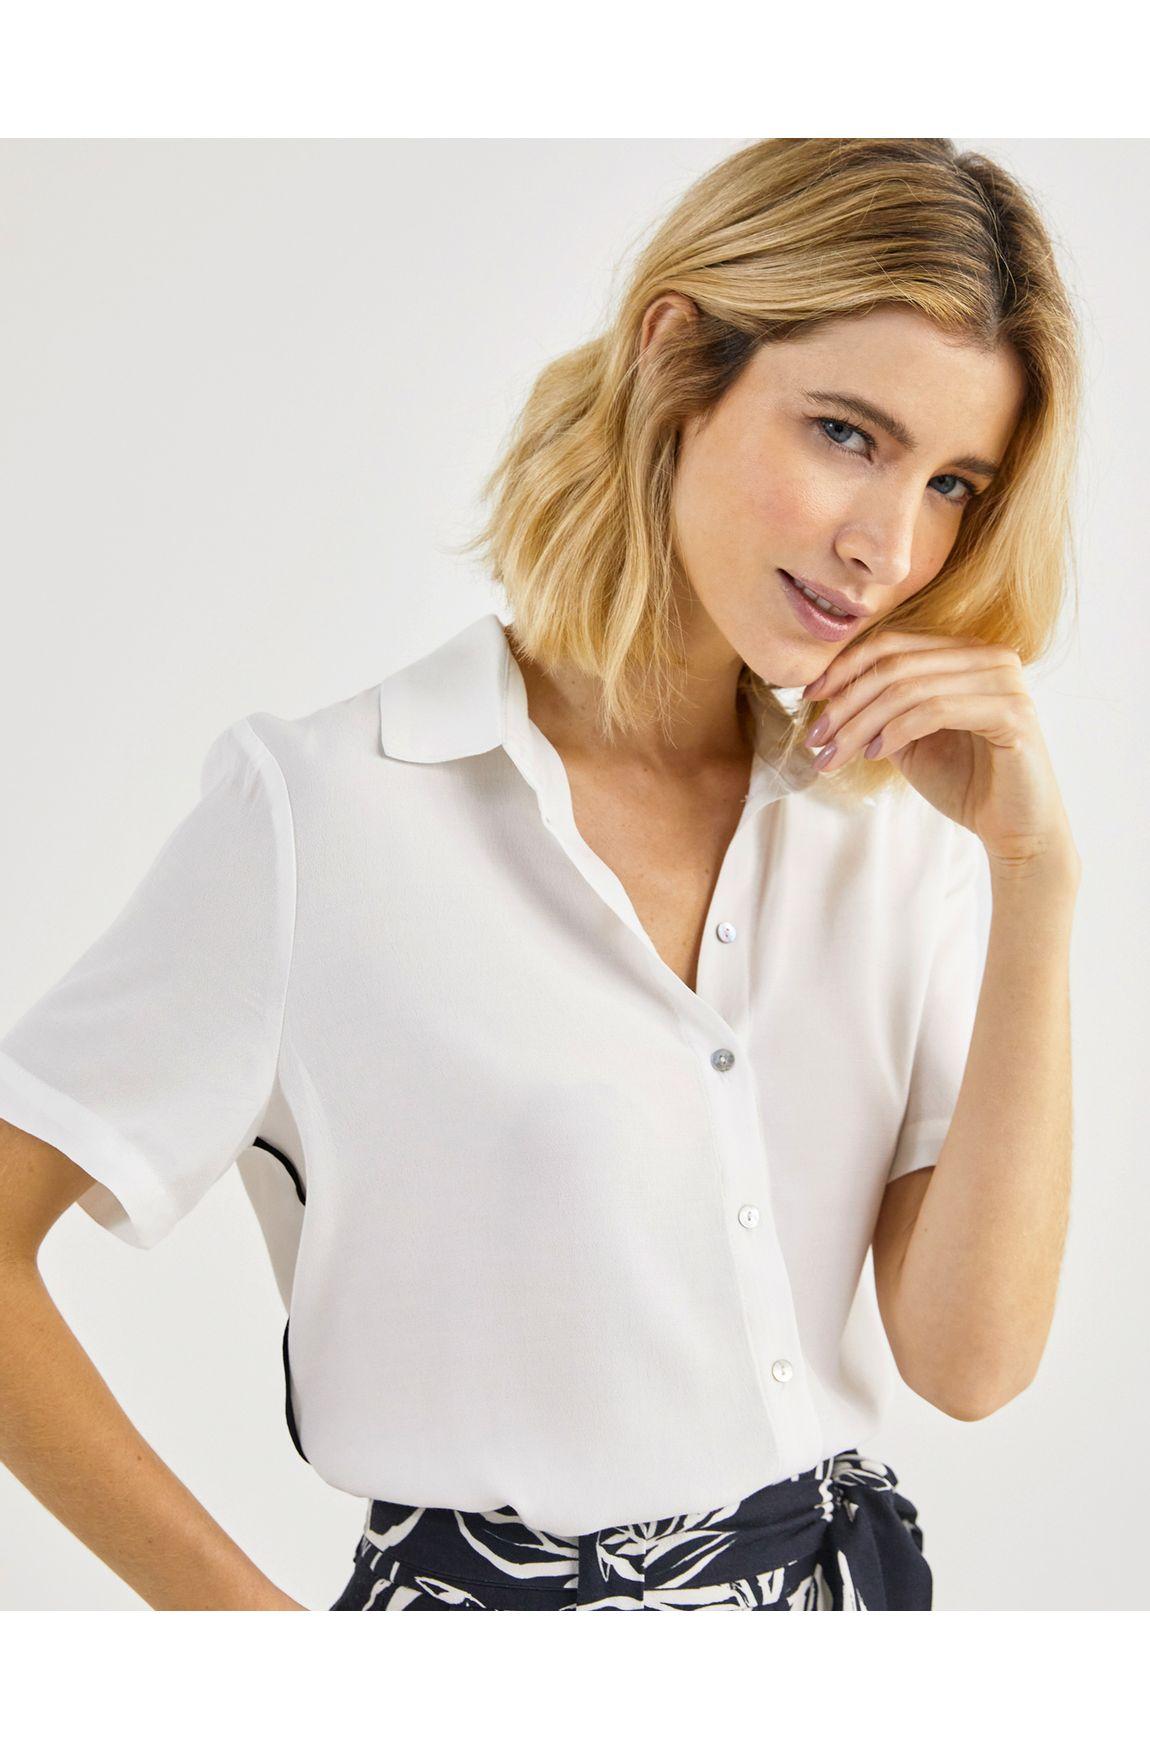 Camisa manga curta crepe vivada